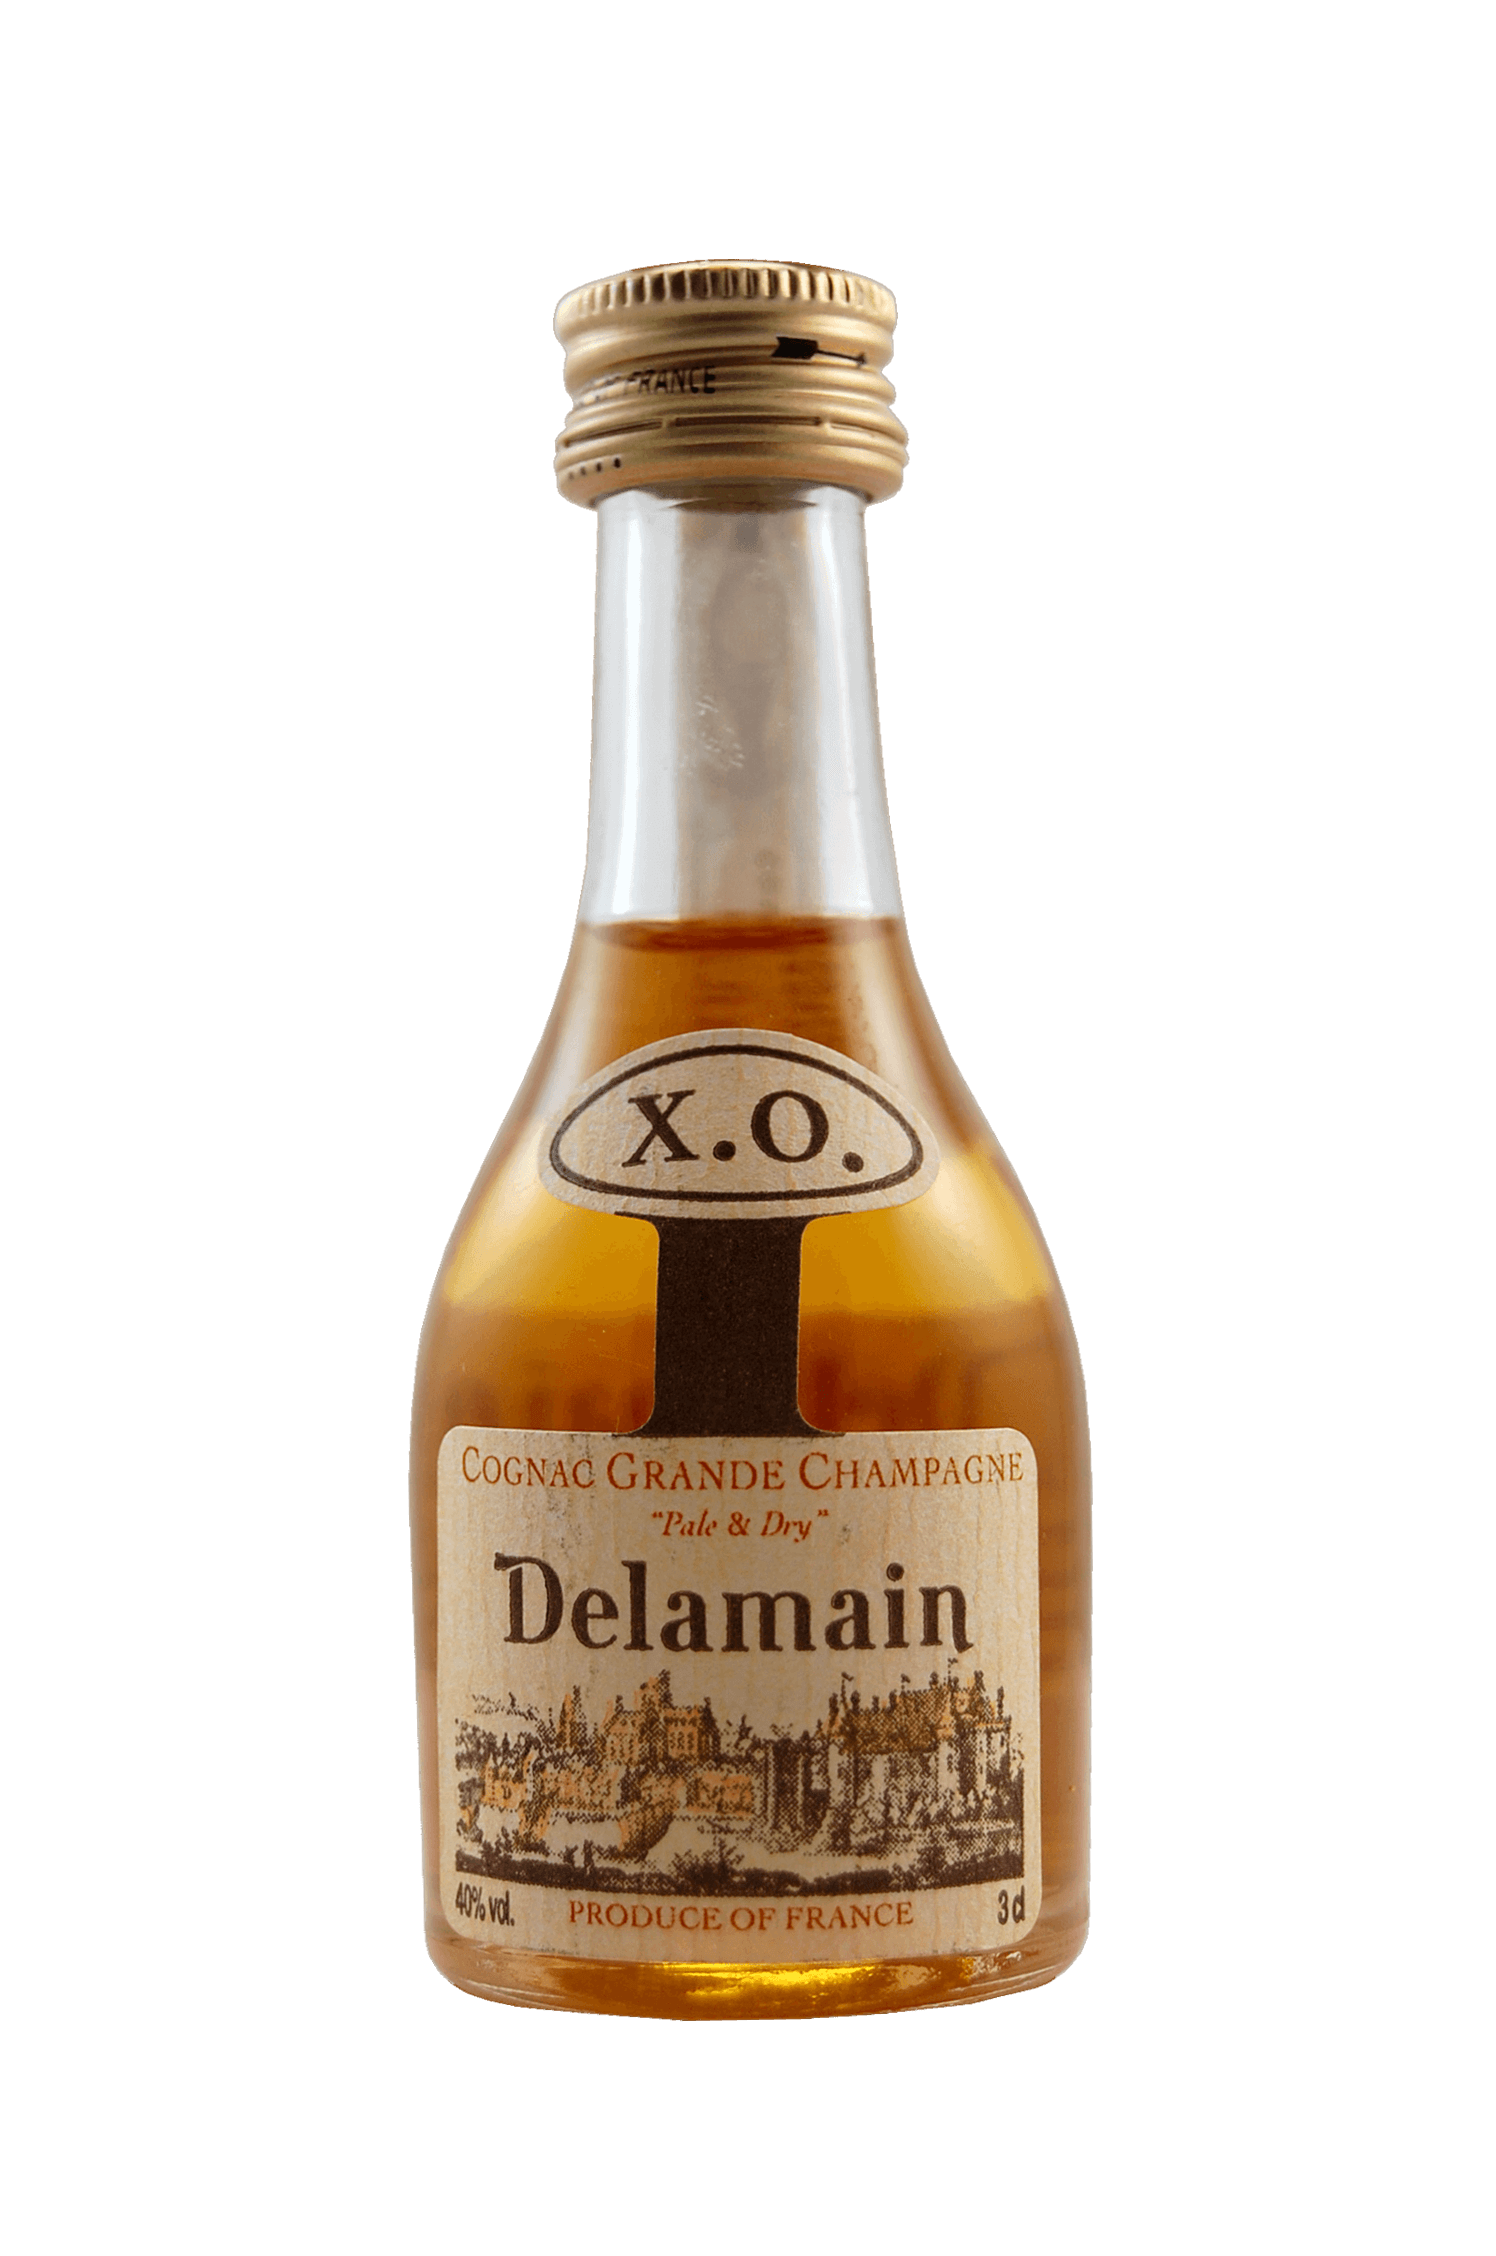 Delamain Cognac Grande